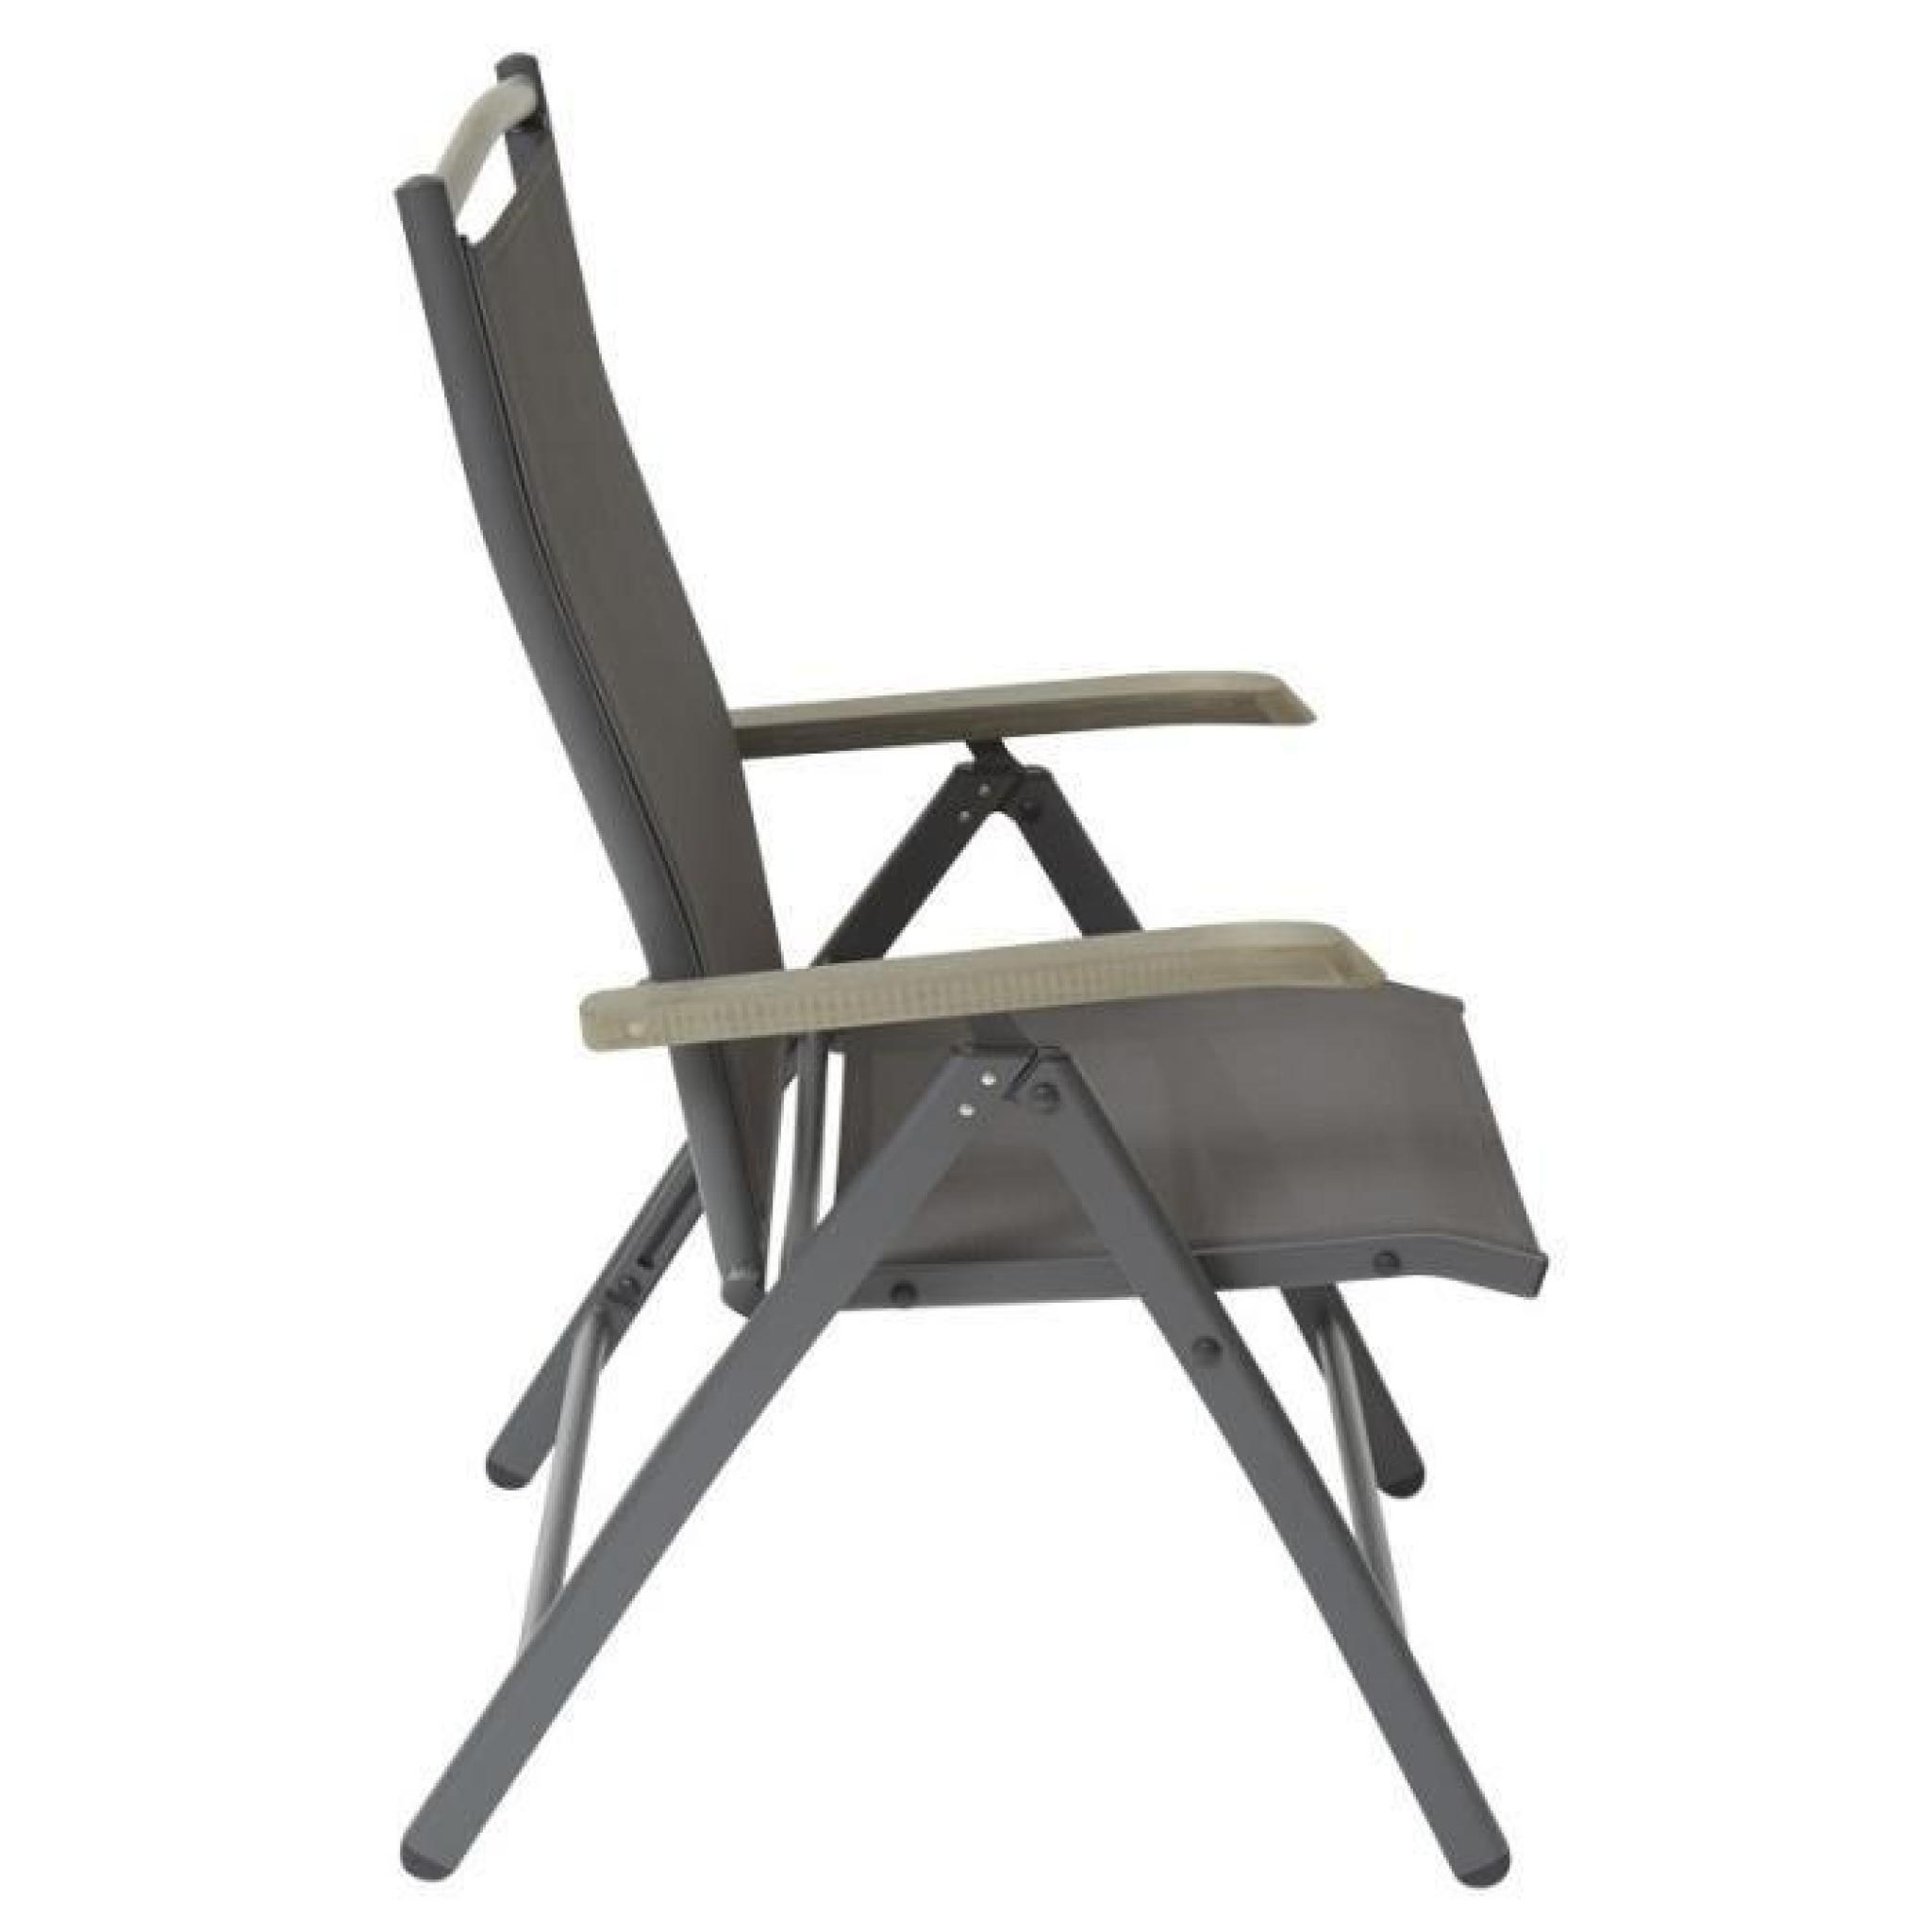 fauteuil de jardin pliant et inclinable achat vente fauteuil de jardin pliant pas cher. Black Bedroom Furniture Sets. Home Design Ideas